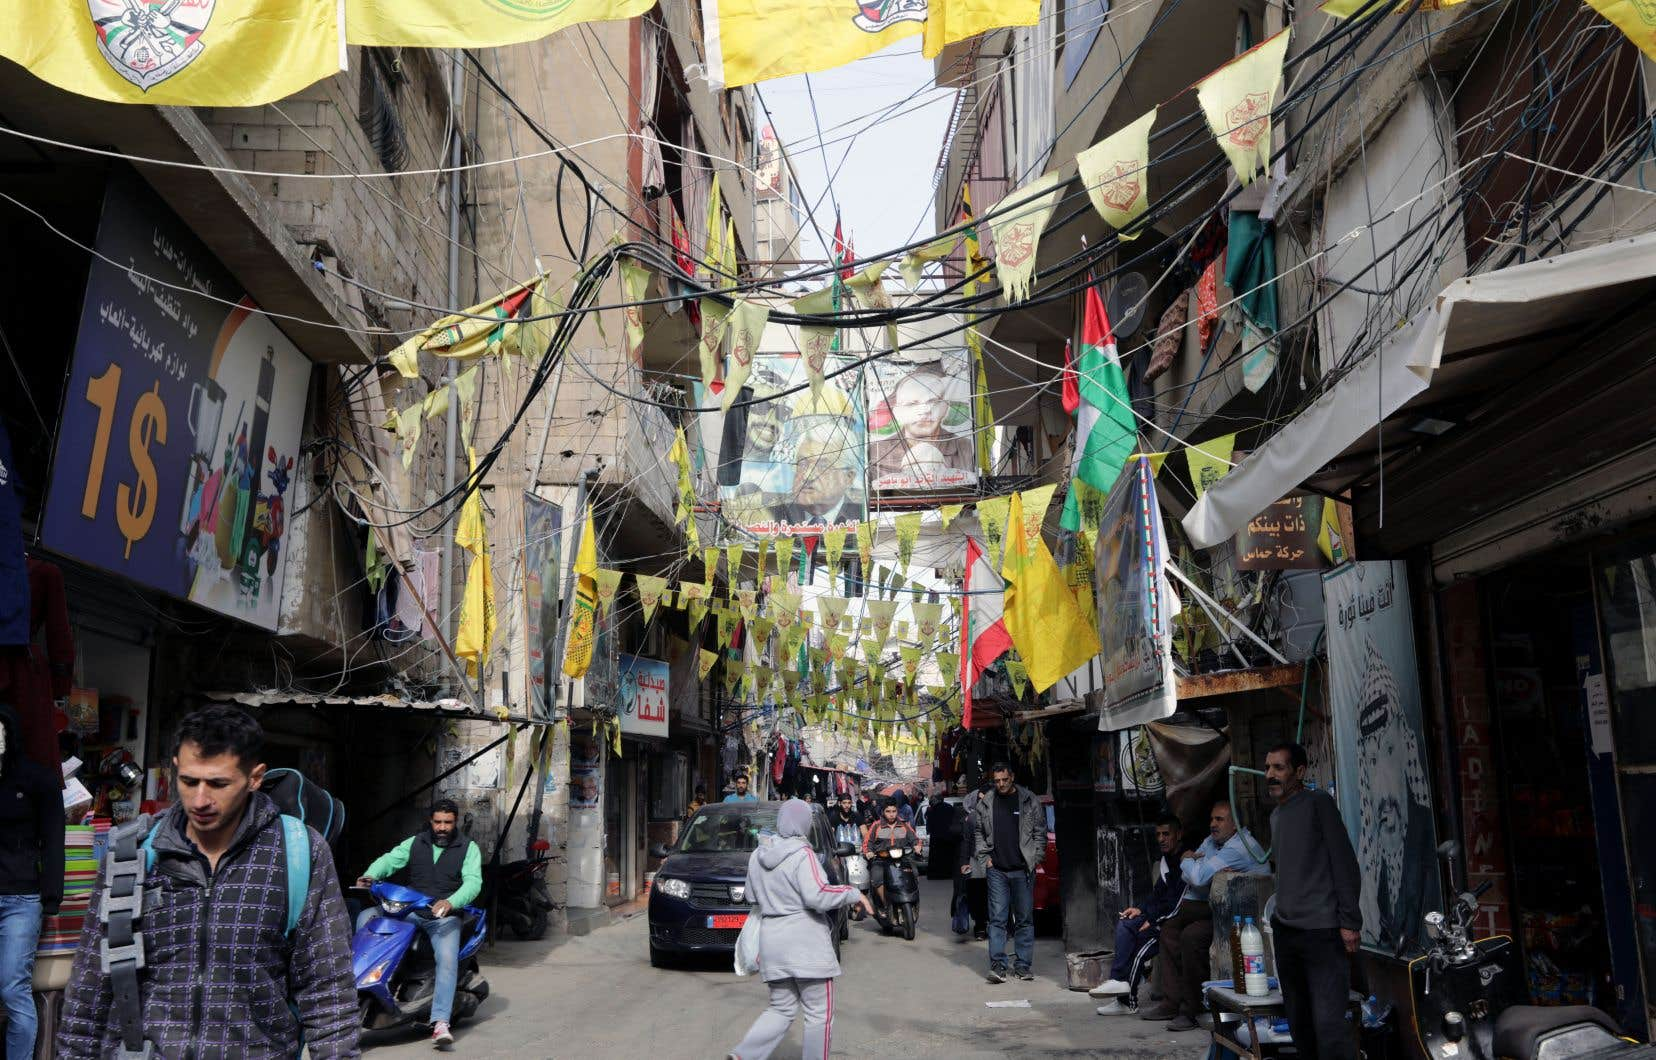 Des images de leaders palestiniens et des drapeaux du Fatah sont affichés sur une rue du camp Burdj Al Barajina, au sud de Beyrouth.